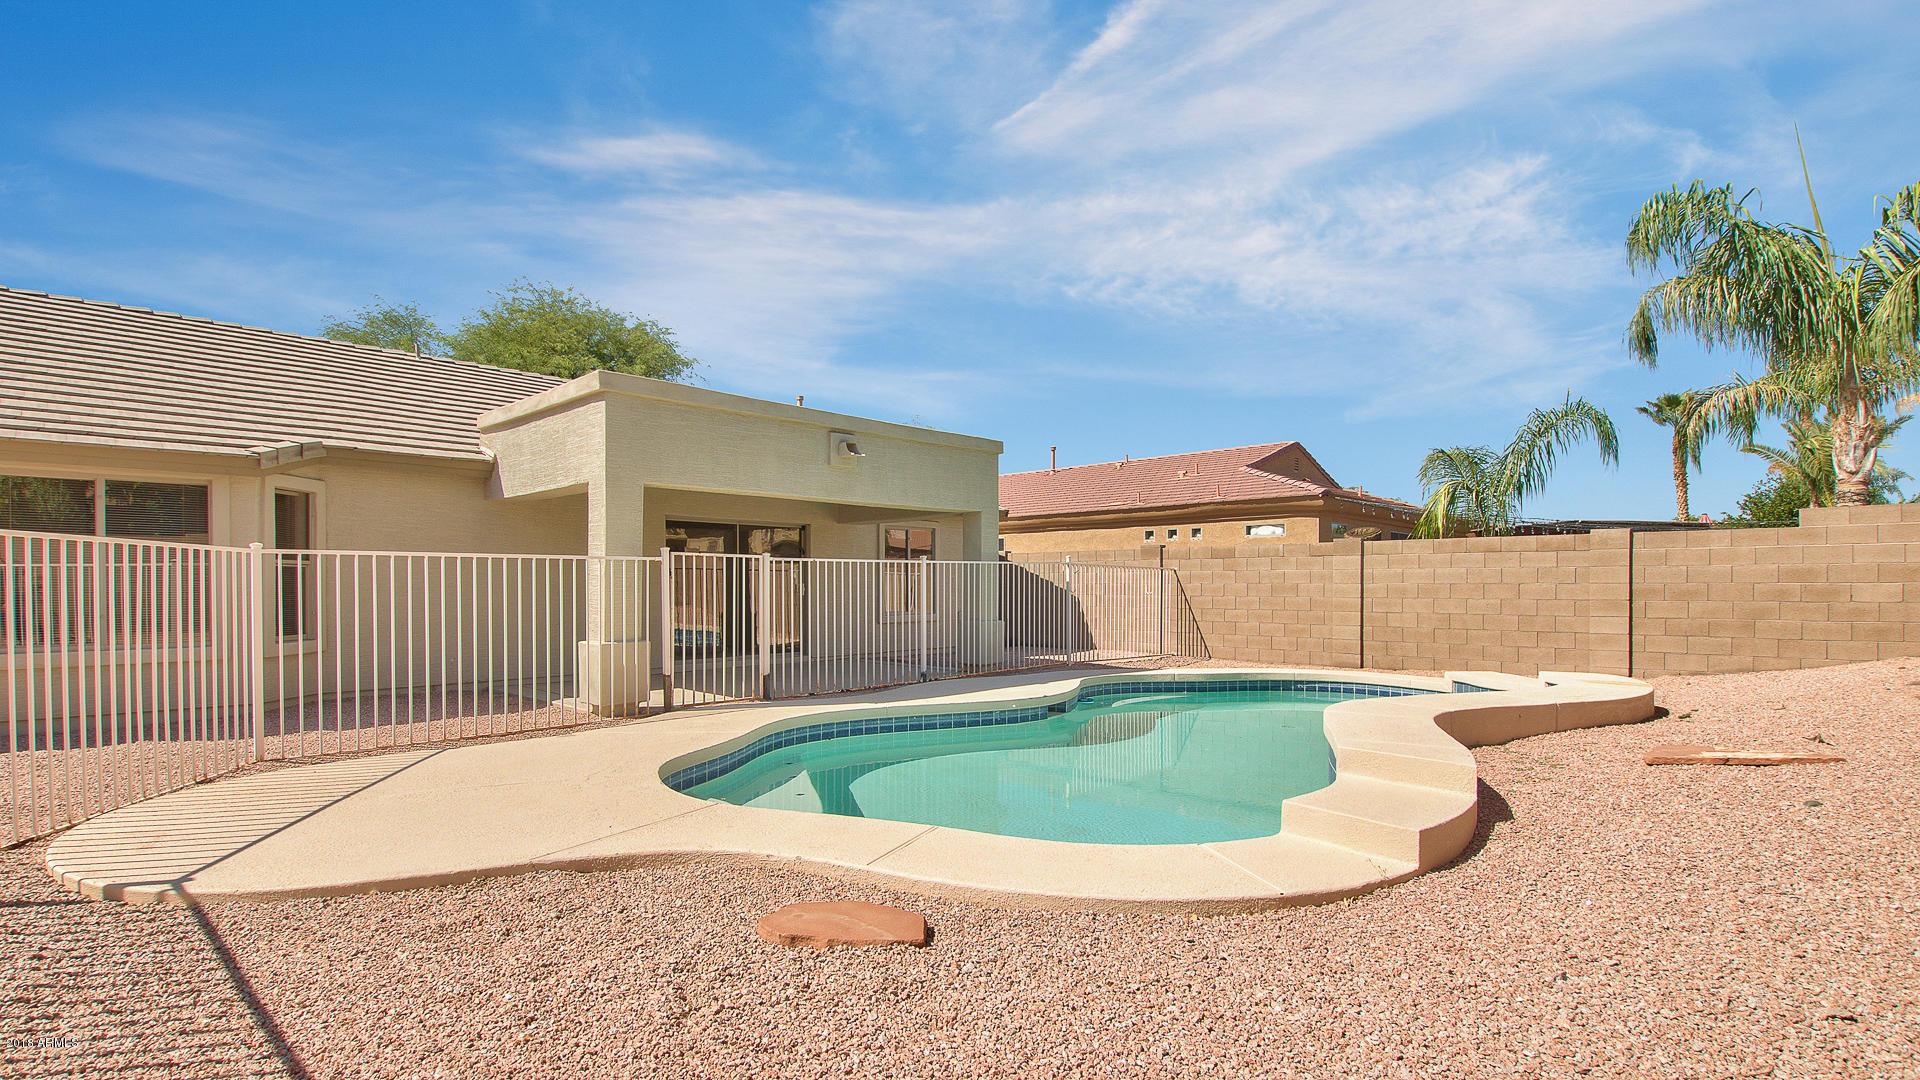 MLS 5826648 3113 S CHATSWORTH Circle, Mesa, AZ 85212 Mesa AZ Santa Rita Ranch